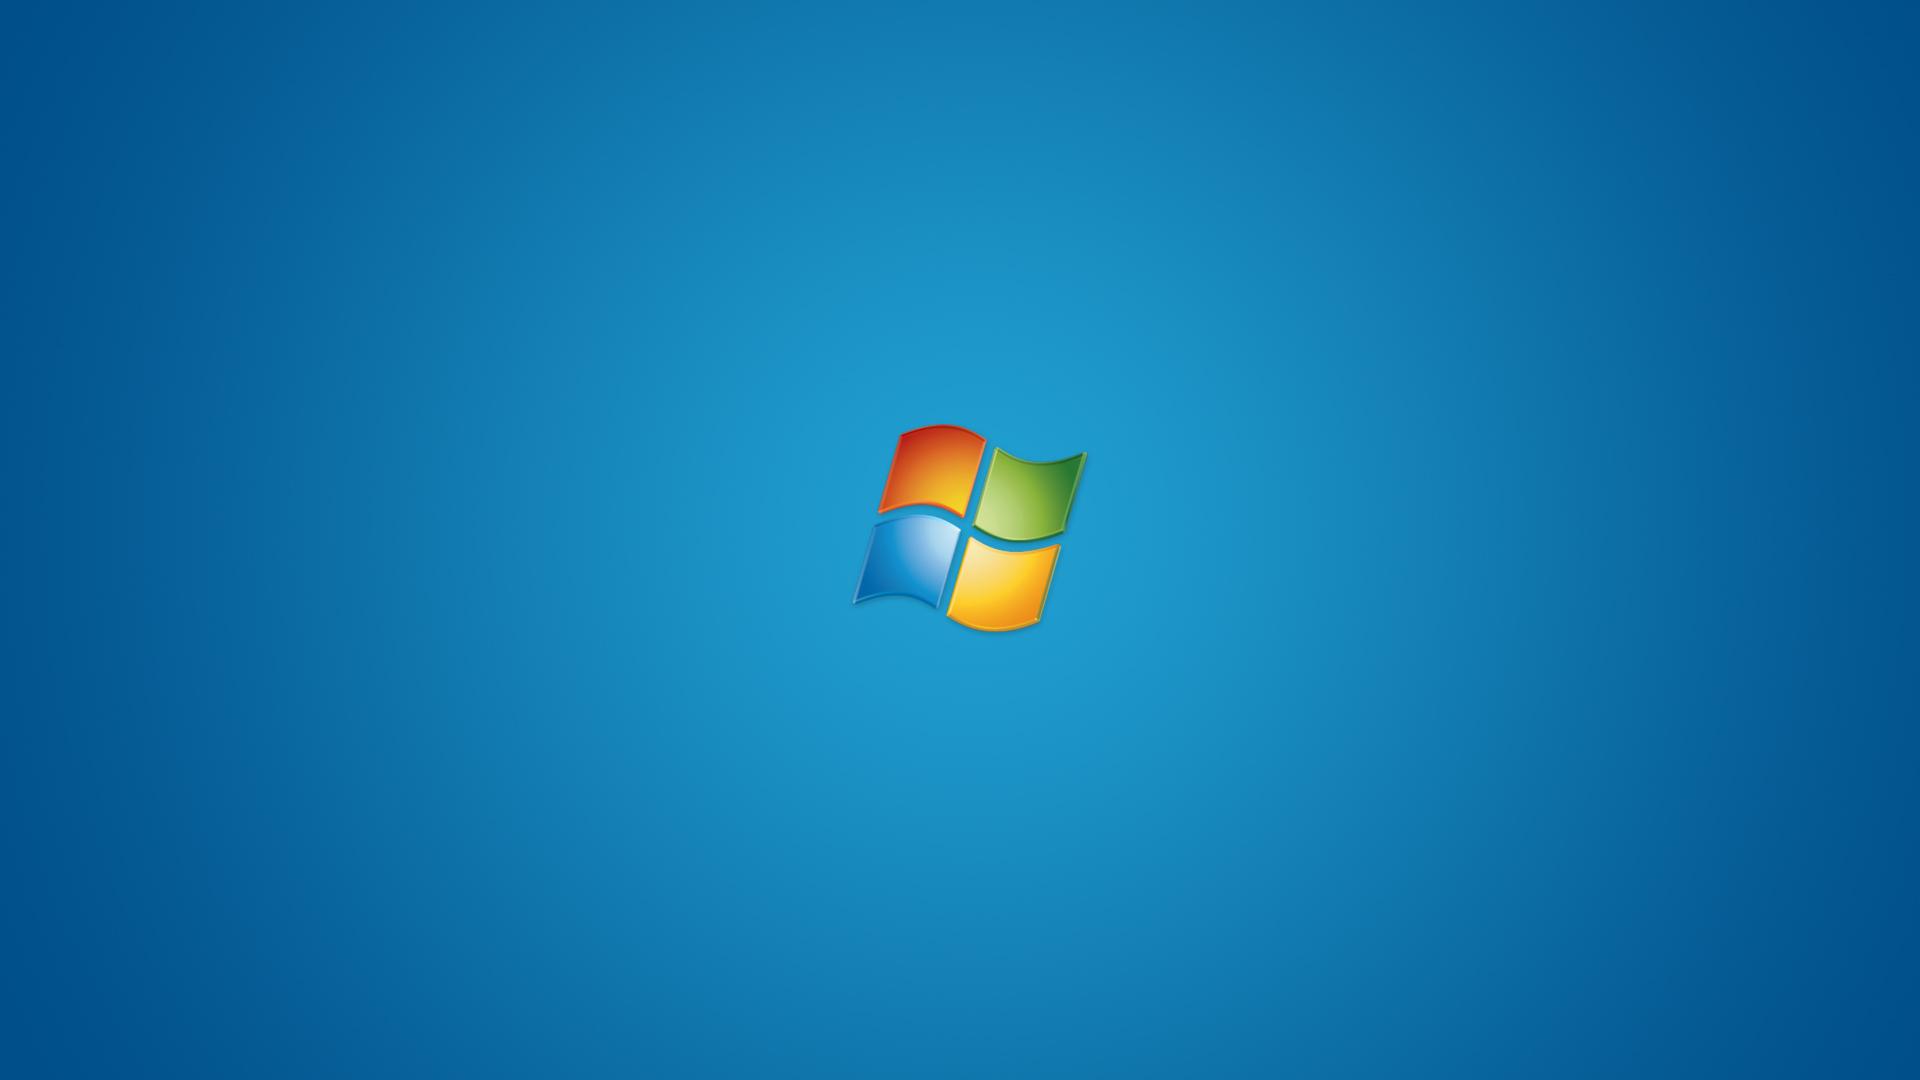 Free Microsoft Wallpapers For Desktop Wallpapersafari